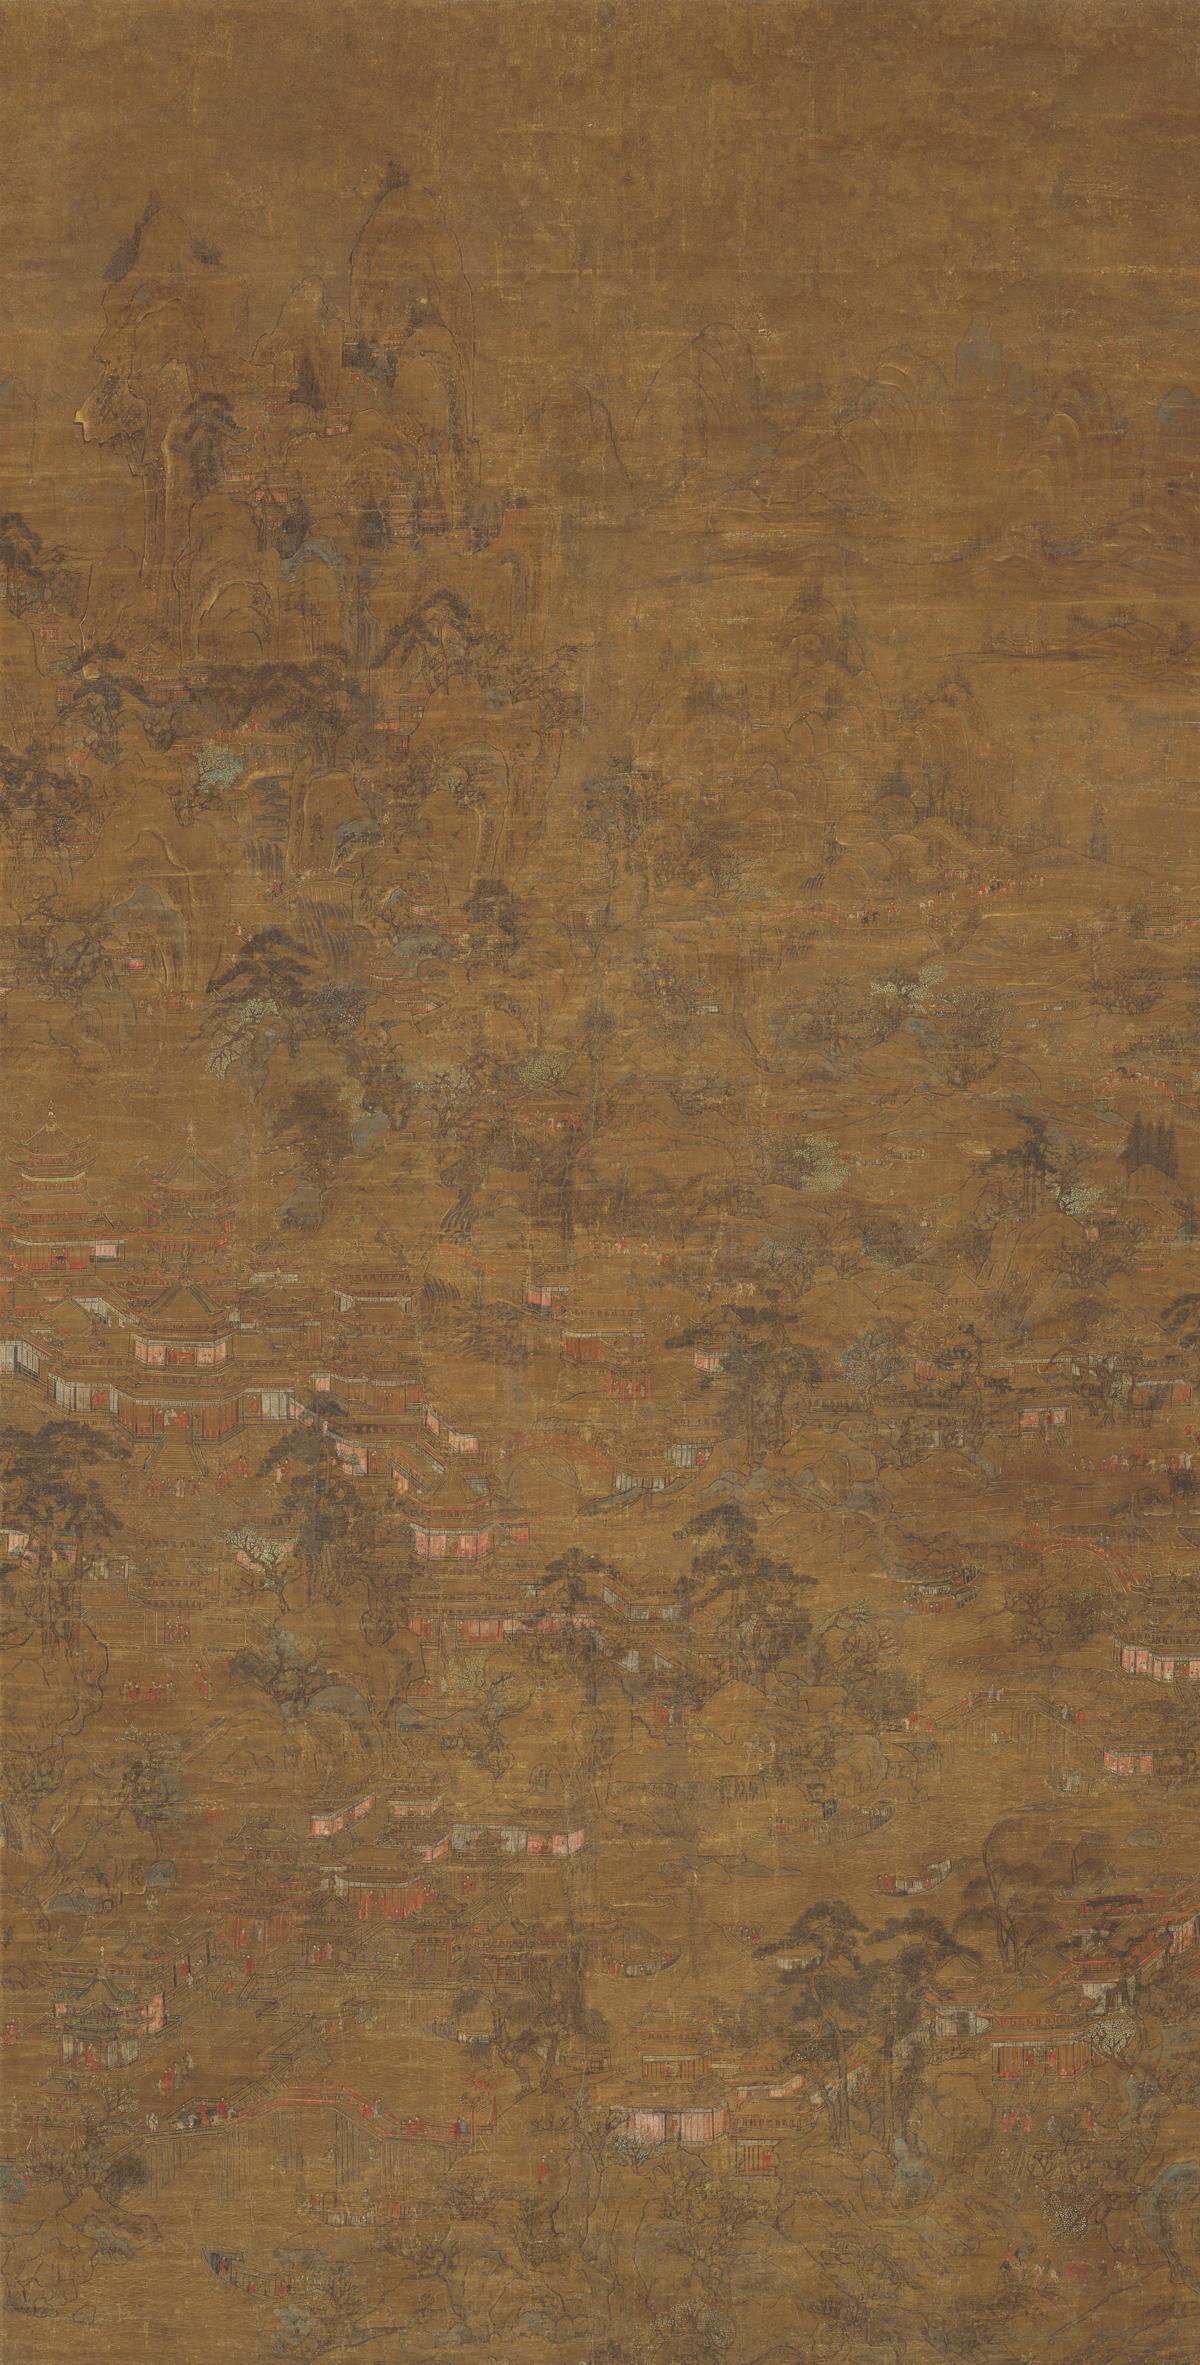 唐 无款 宫苑图(轴)绢本162.5x83.7北京